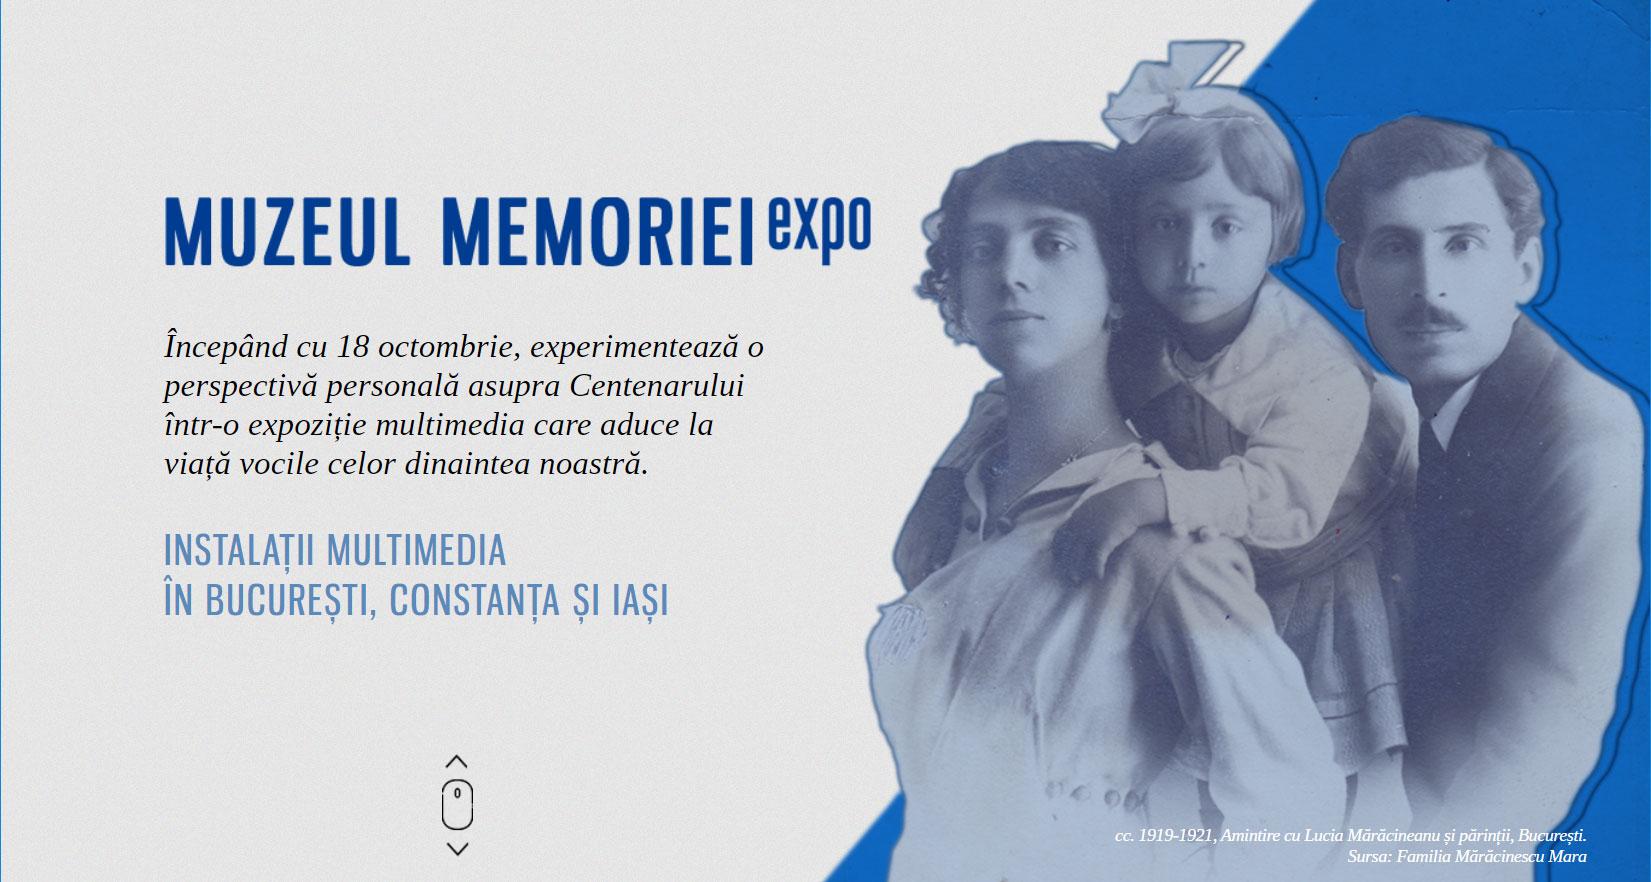 muzeul memoriei - bucuresti centenar